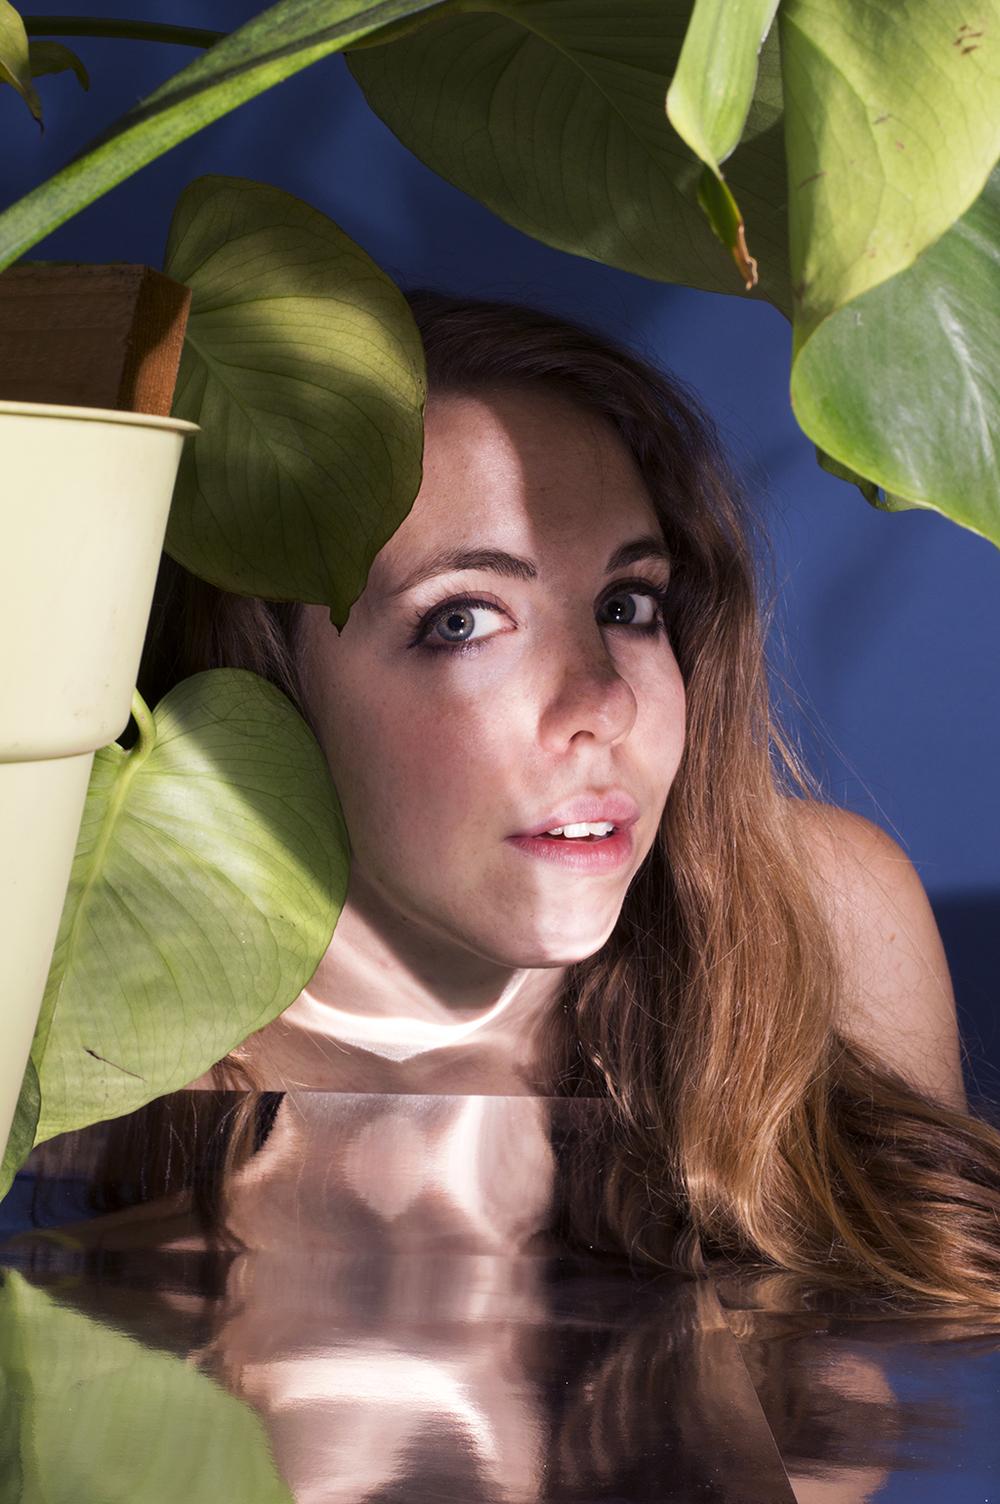 Singer Claire Morales